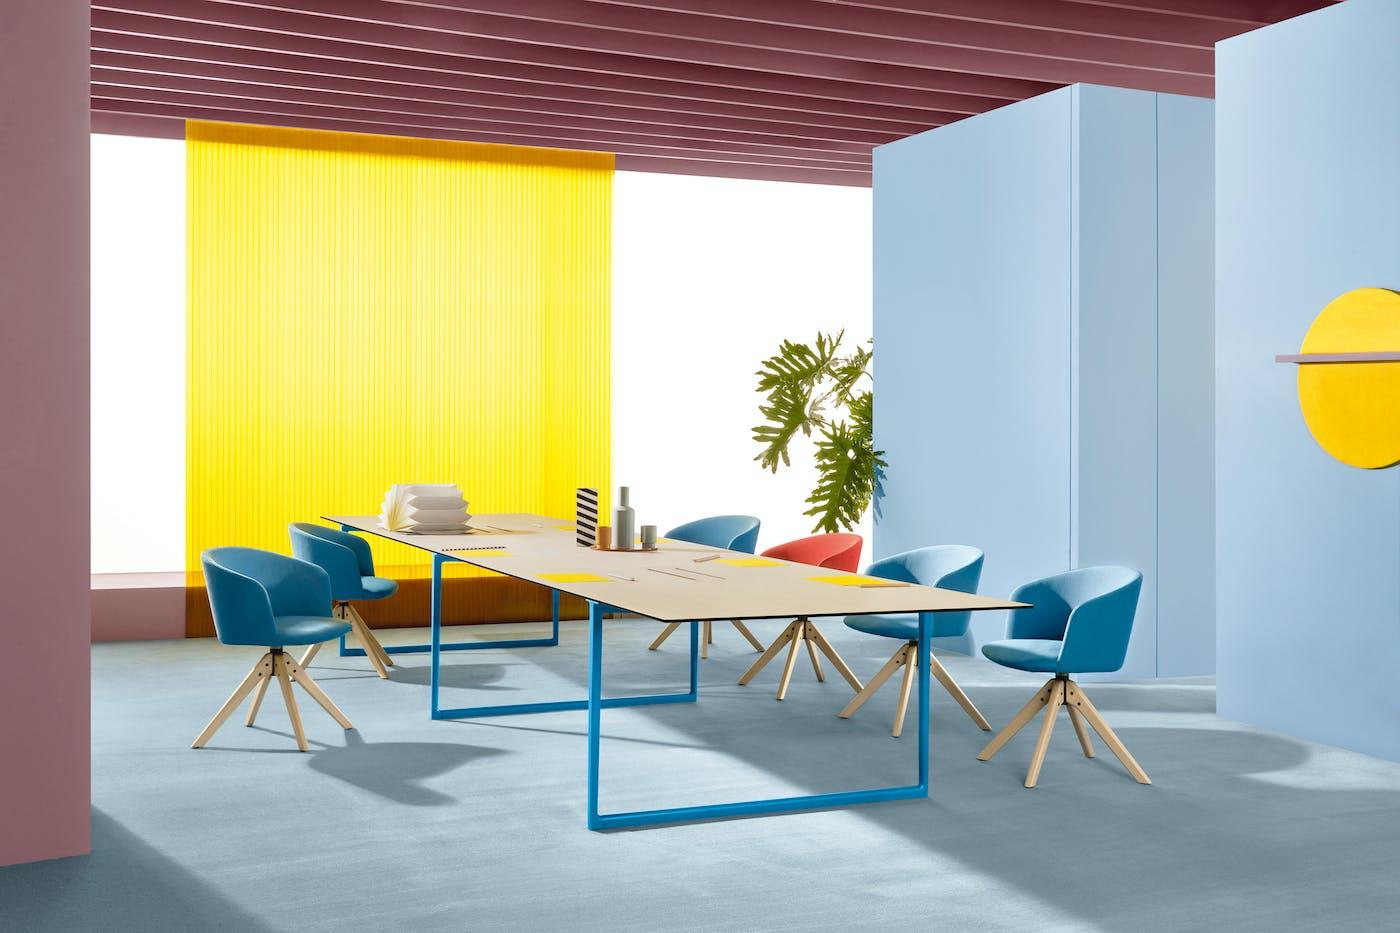 Pedrali Toa designed by Robin Rizzini art direction Studio FM photo Andrea Garuti 1